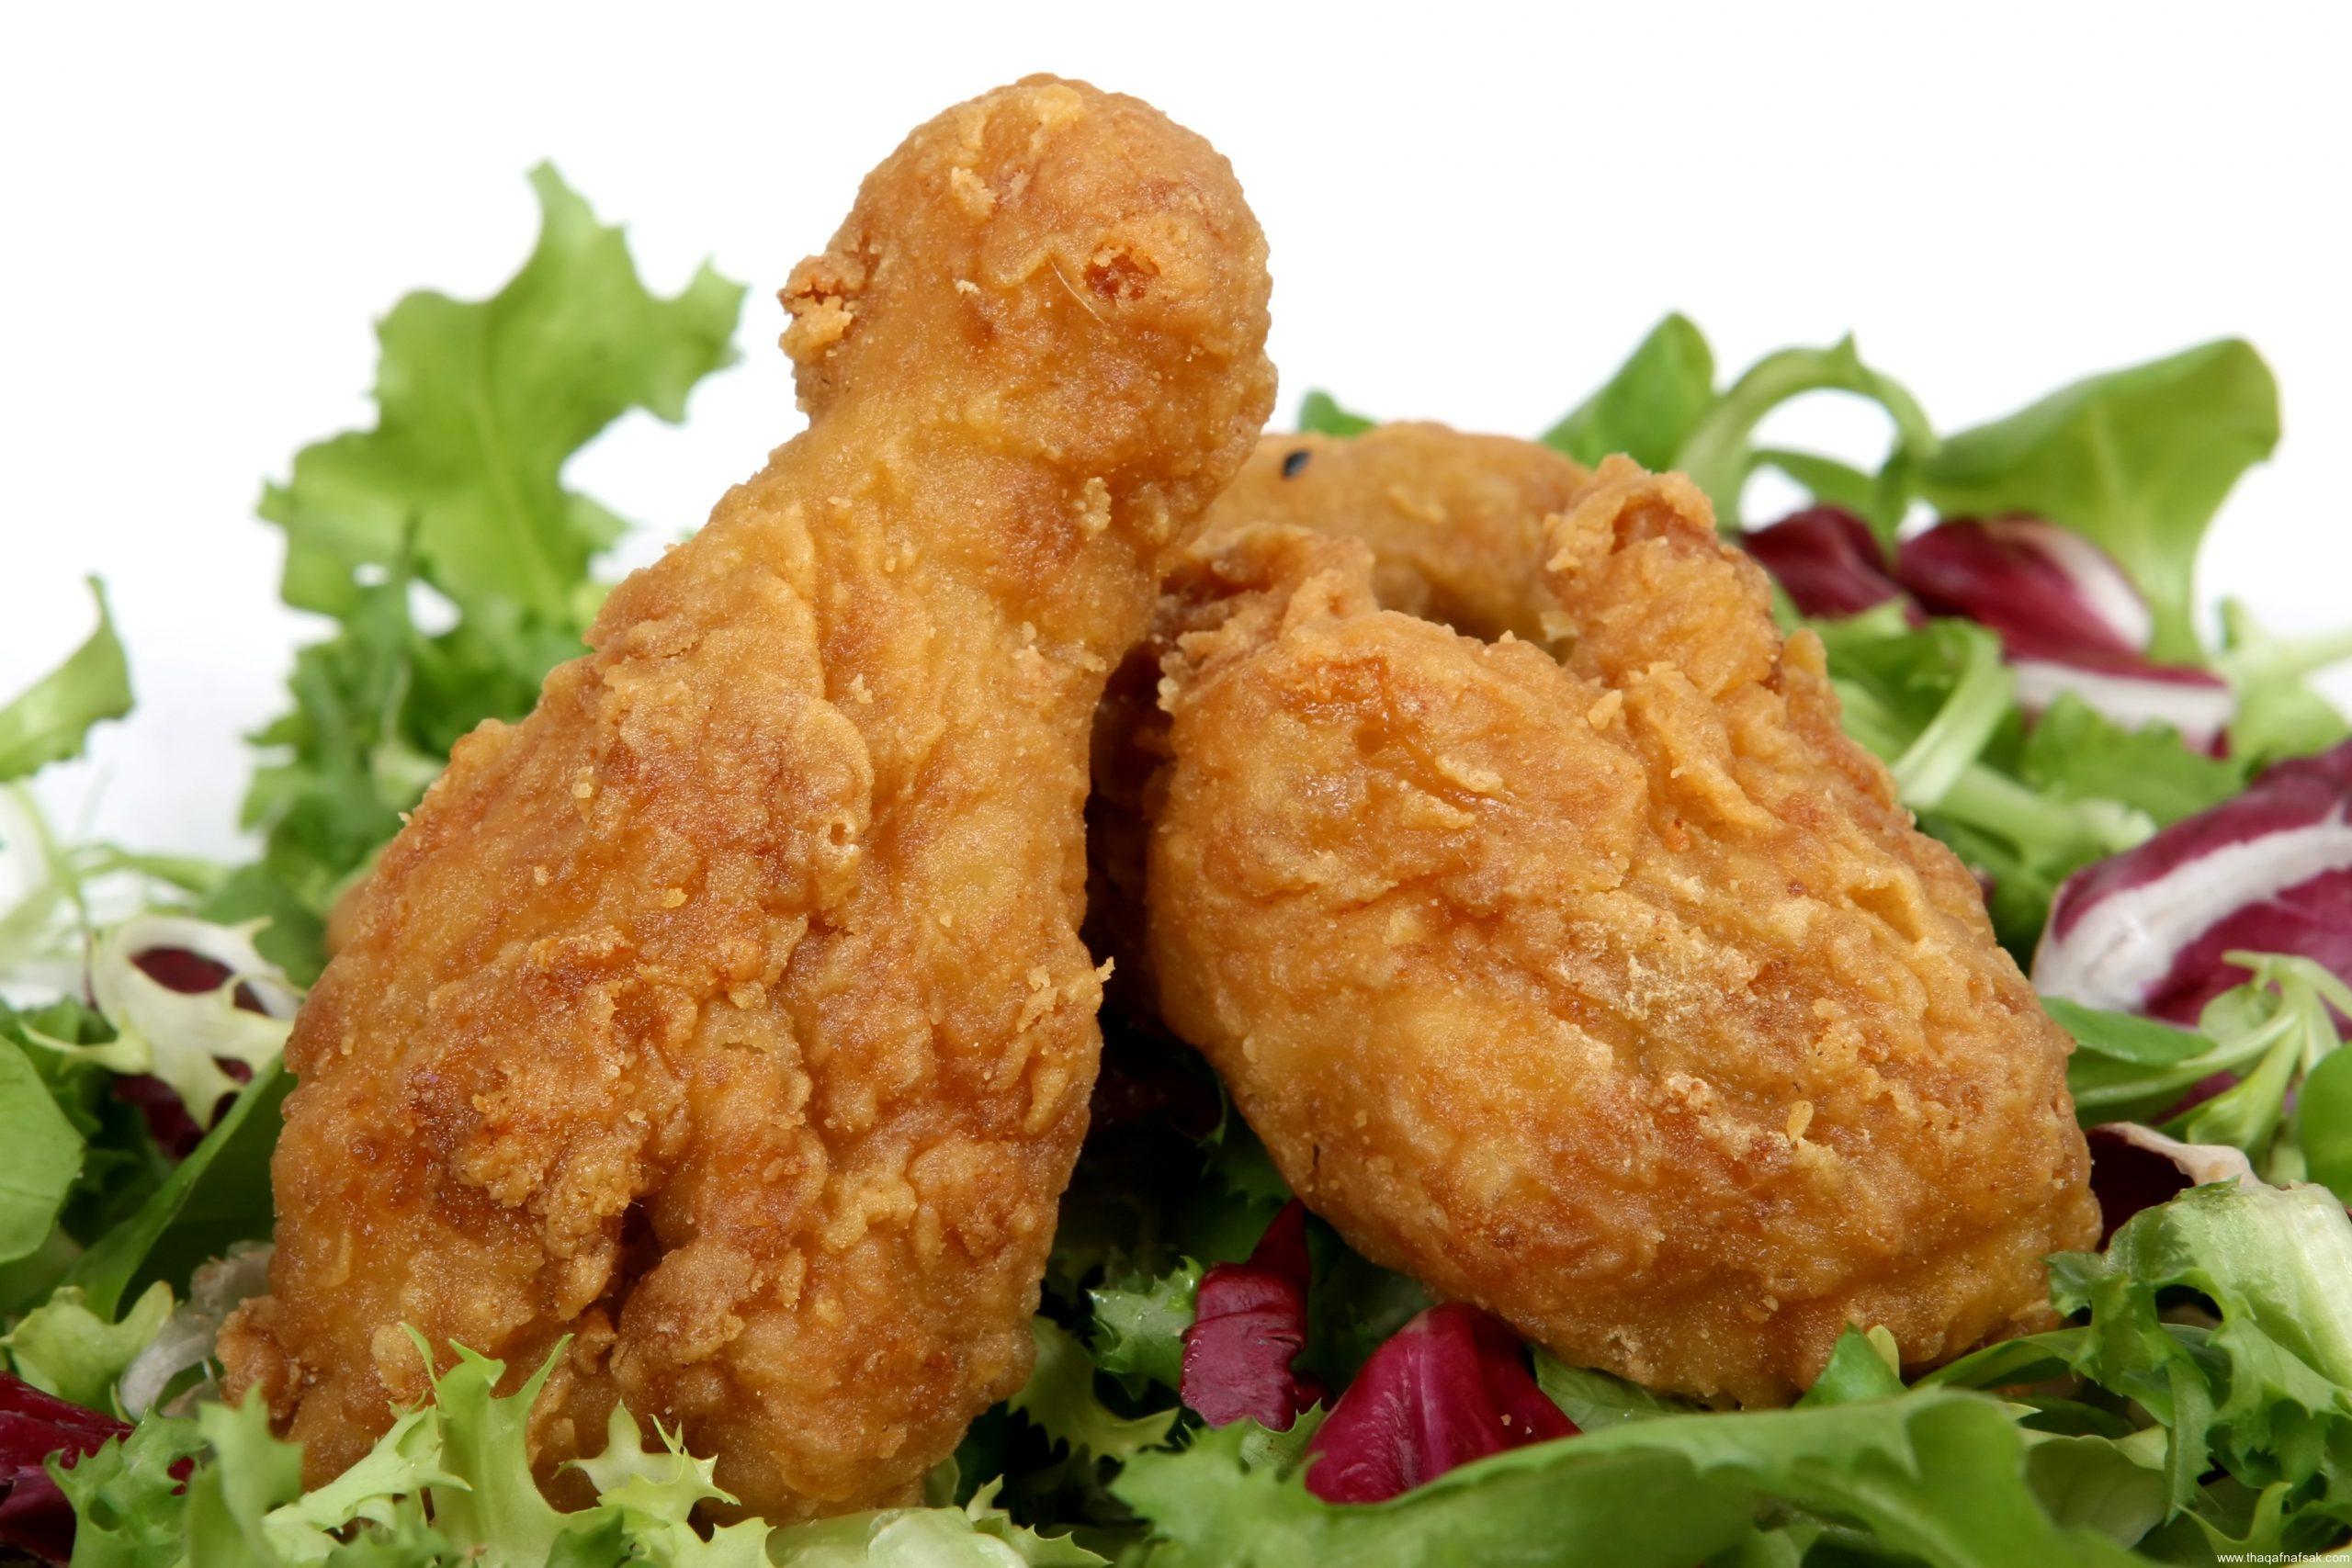 طريقة عمل دبابيس الدجاج المقلية بالصور